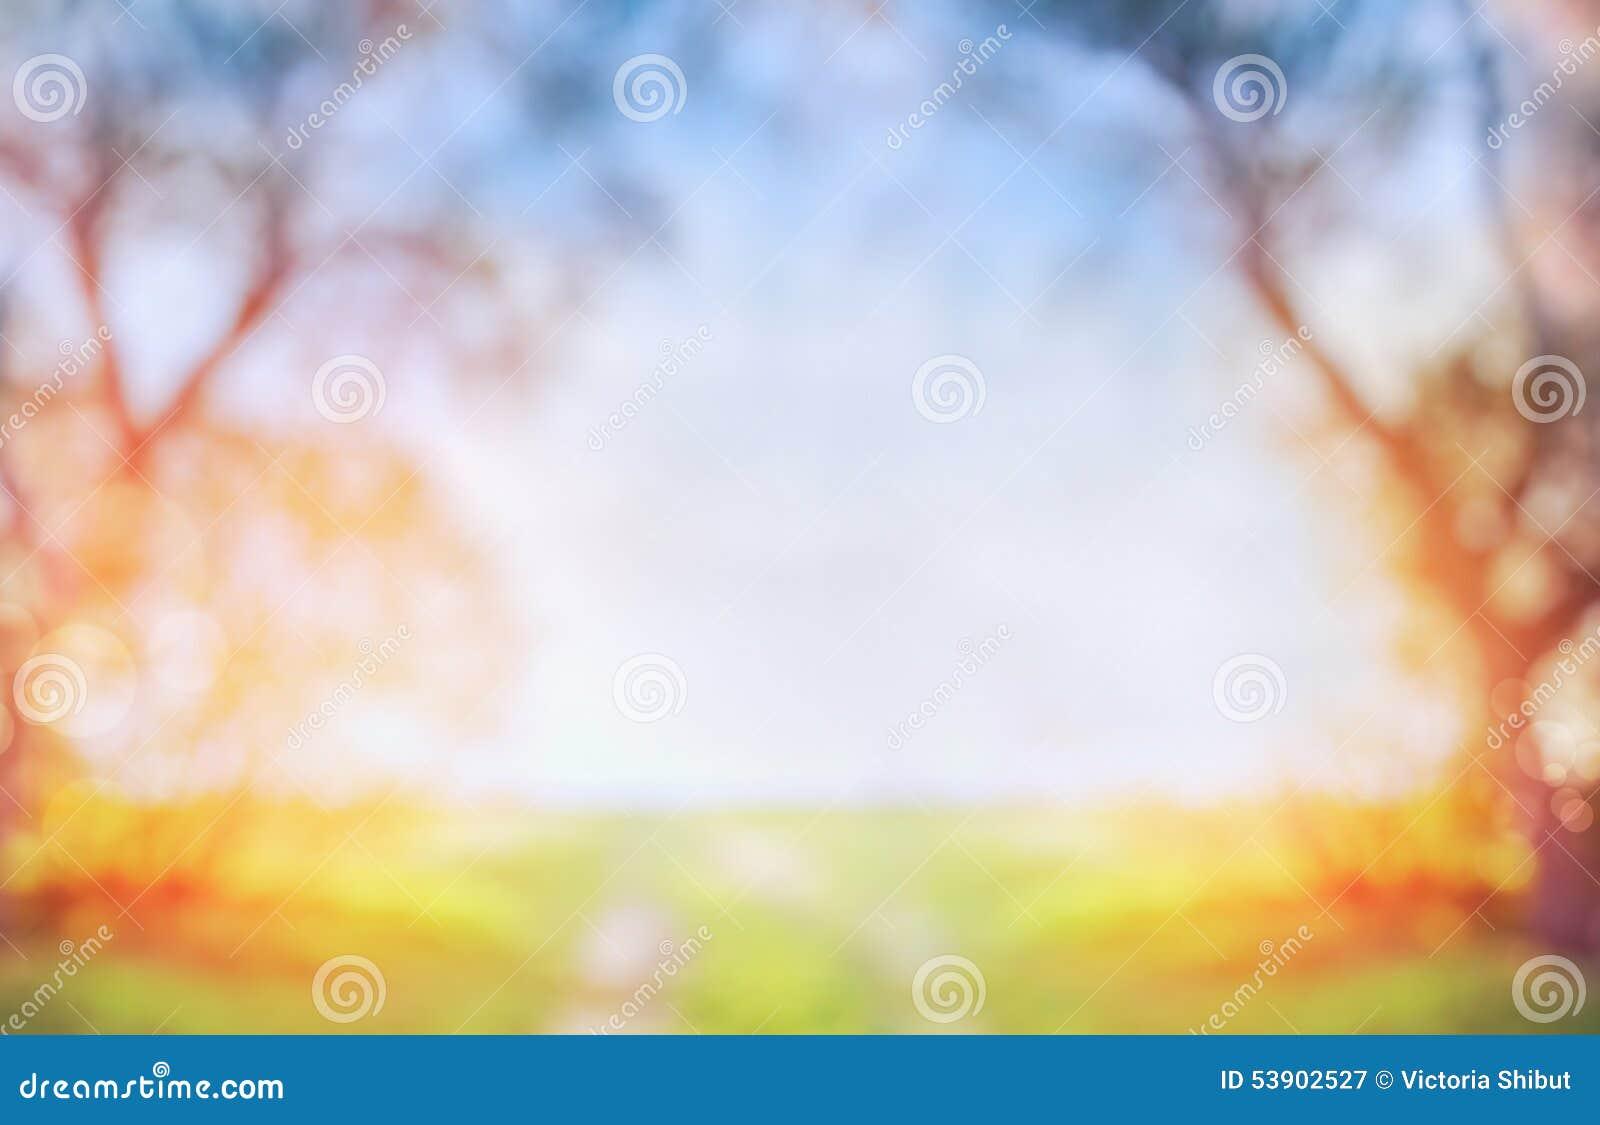 Unscharfer Frühlings- oder Herbstnaturhintergrund mit grünem sonnigem Feld und Baum auf blauem Himmel